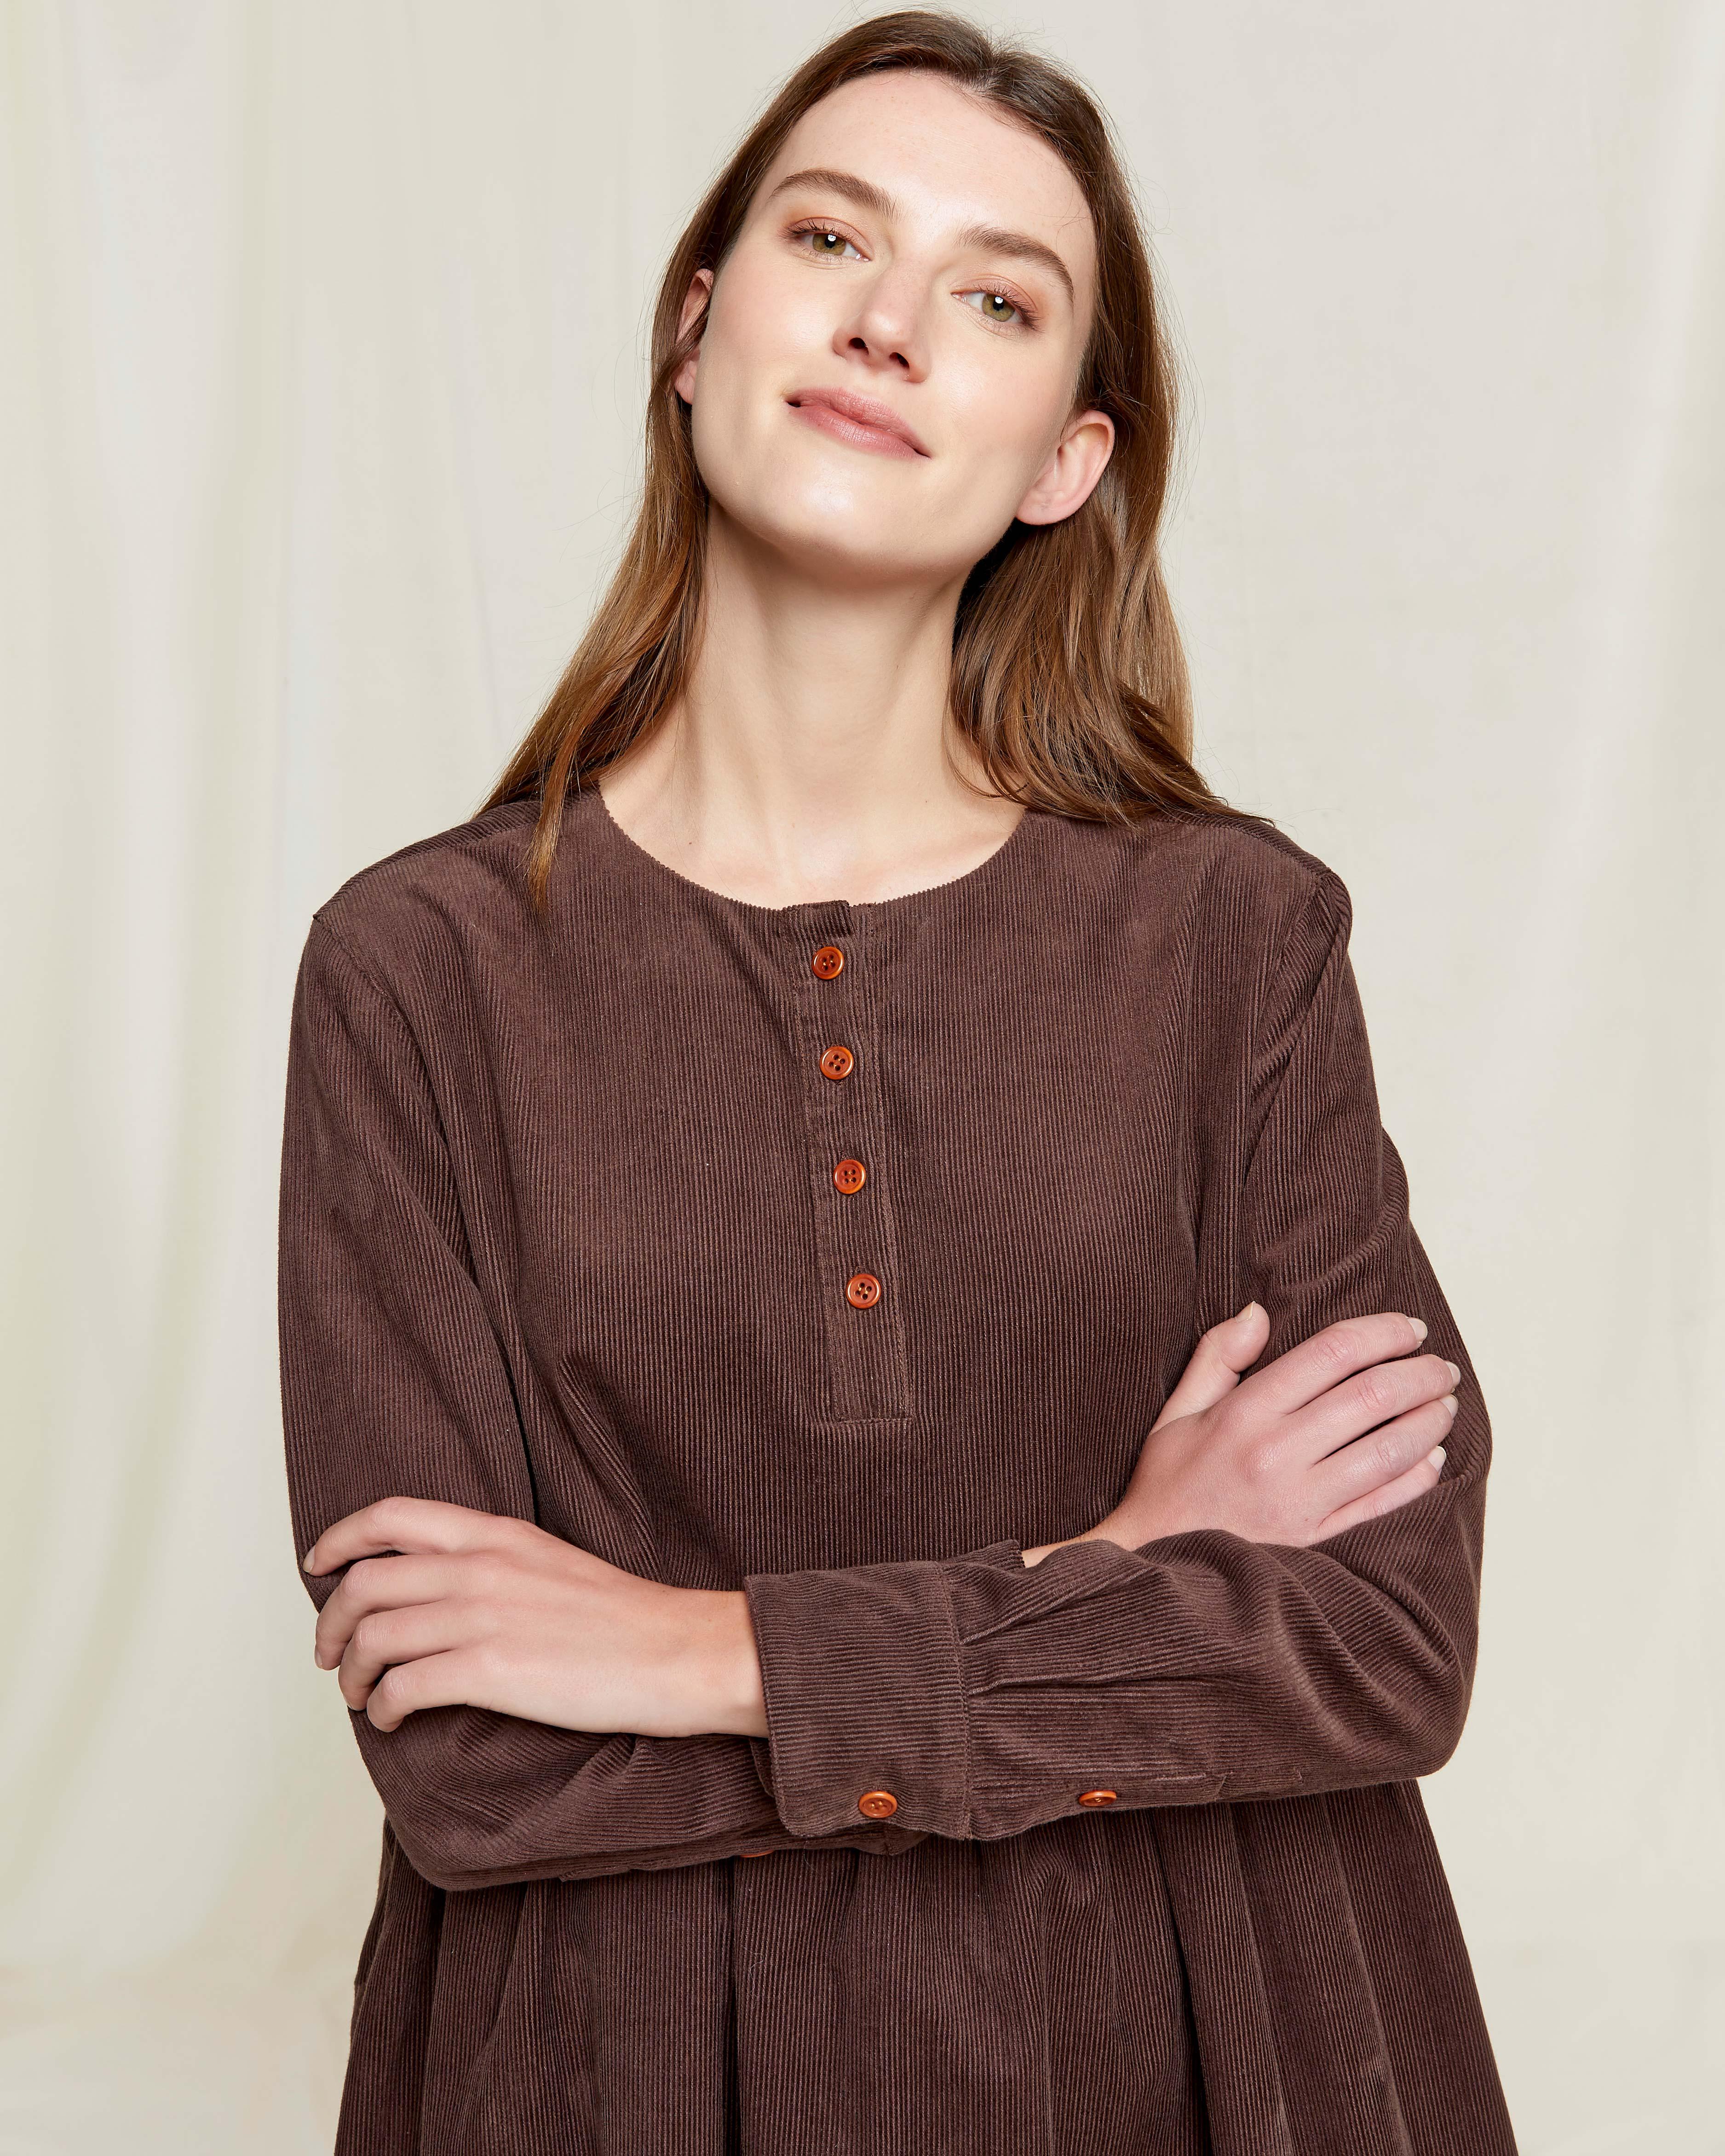 Brun kordfløyel kjole - 100 % økologisk bomull » Etiske & økologiske klær » Grønt Skift